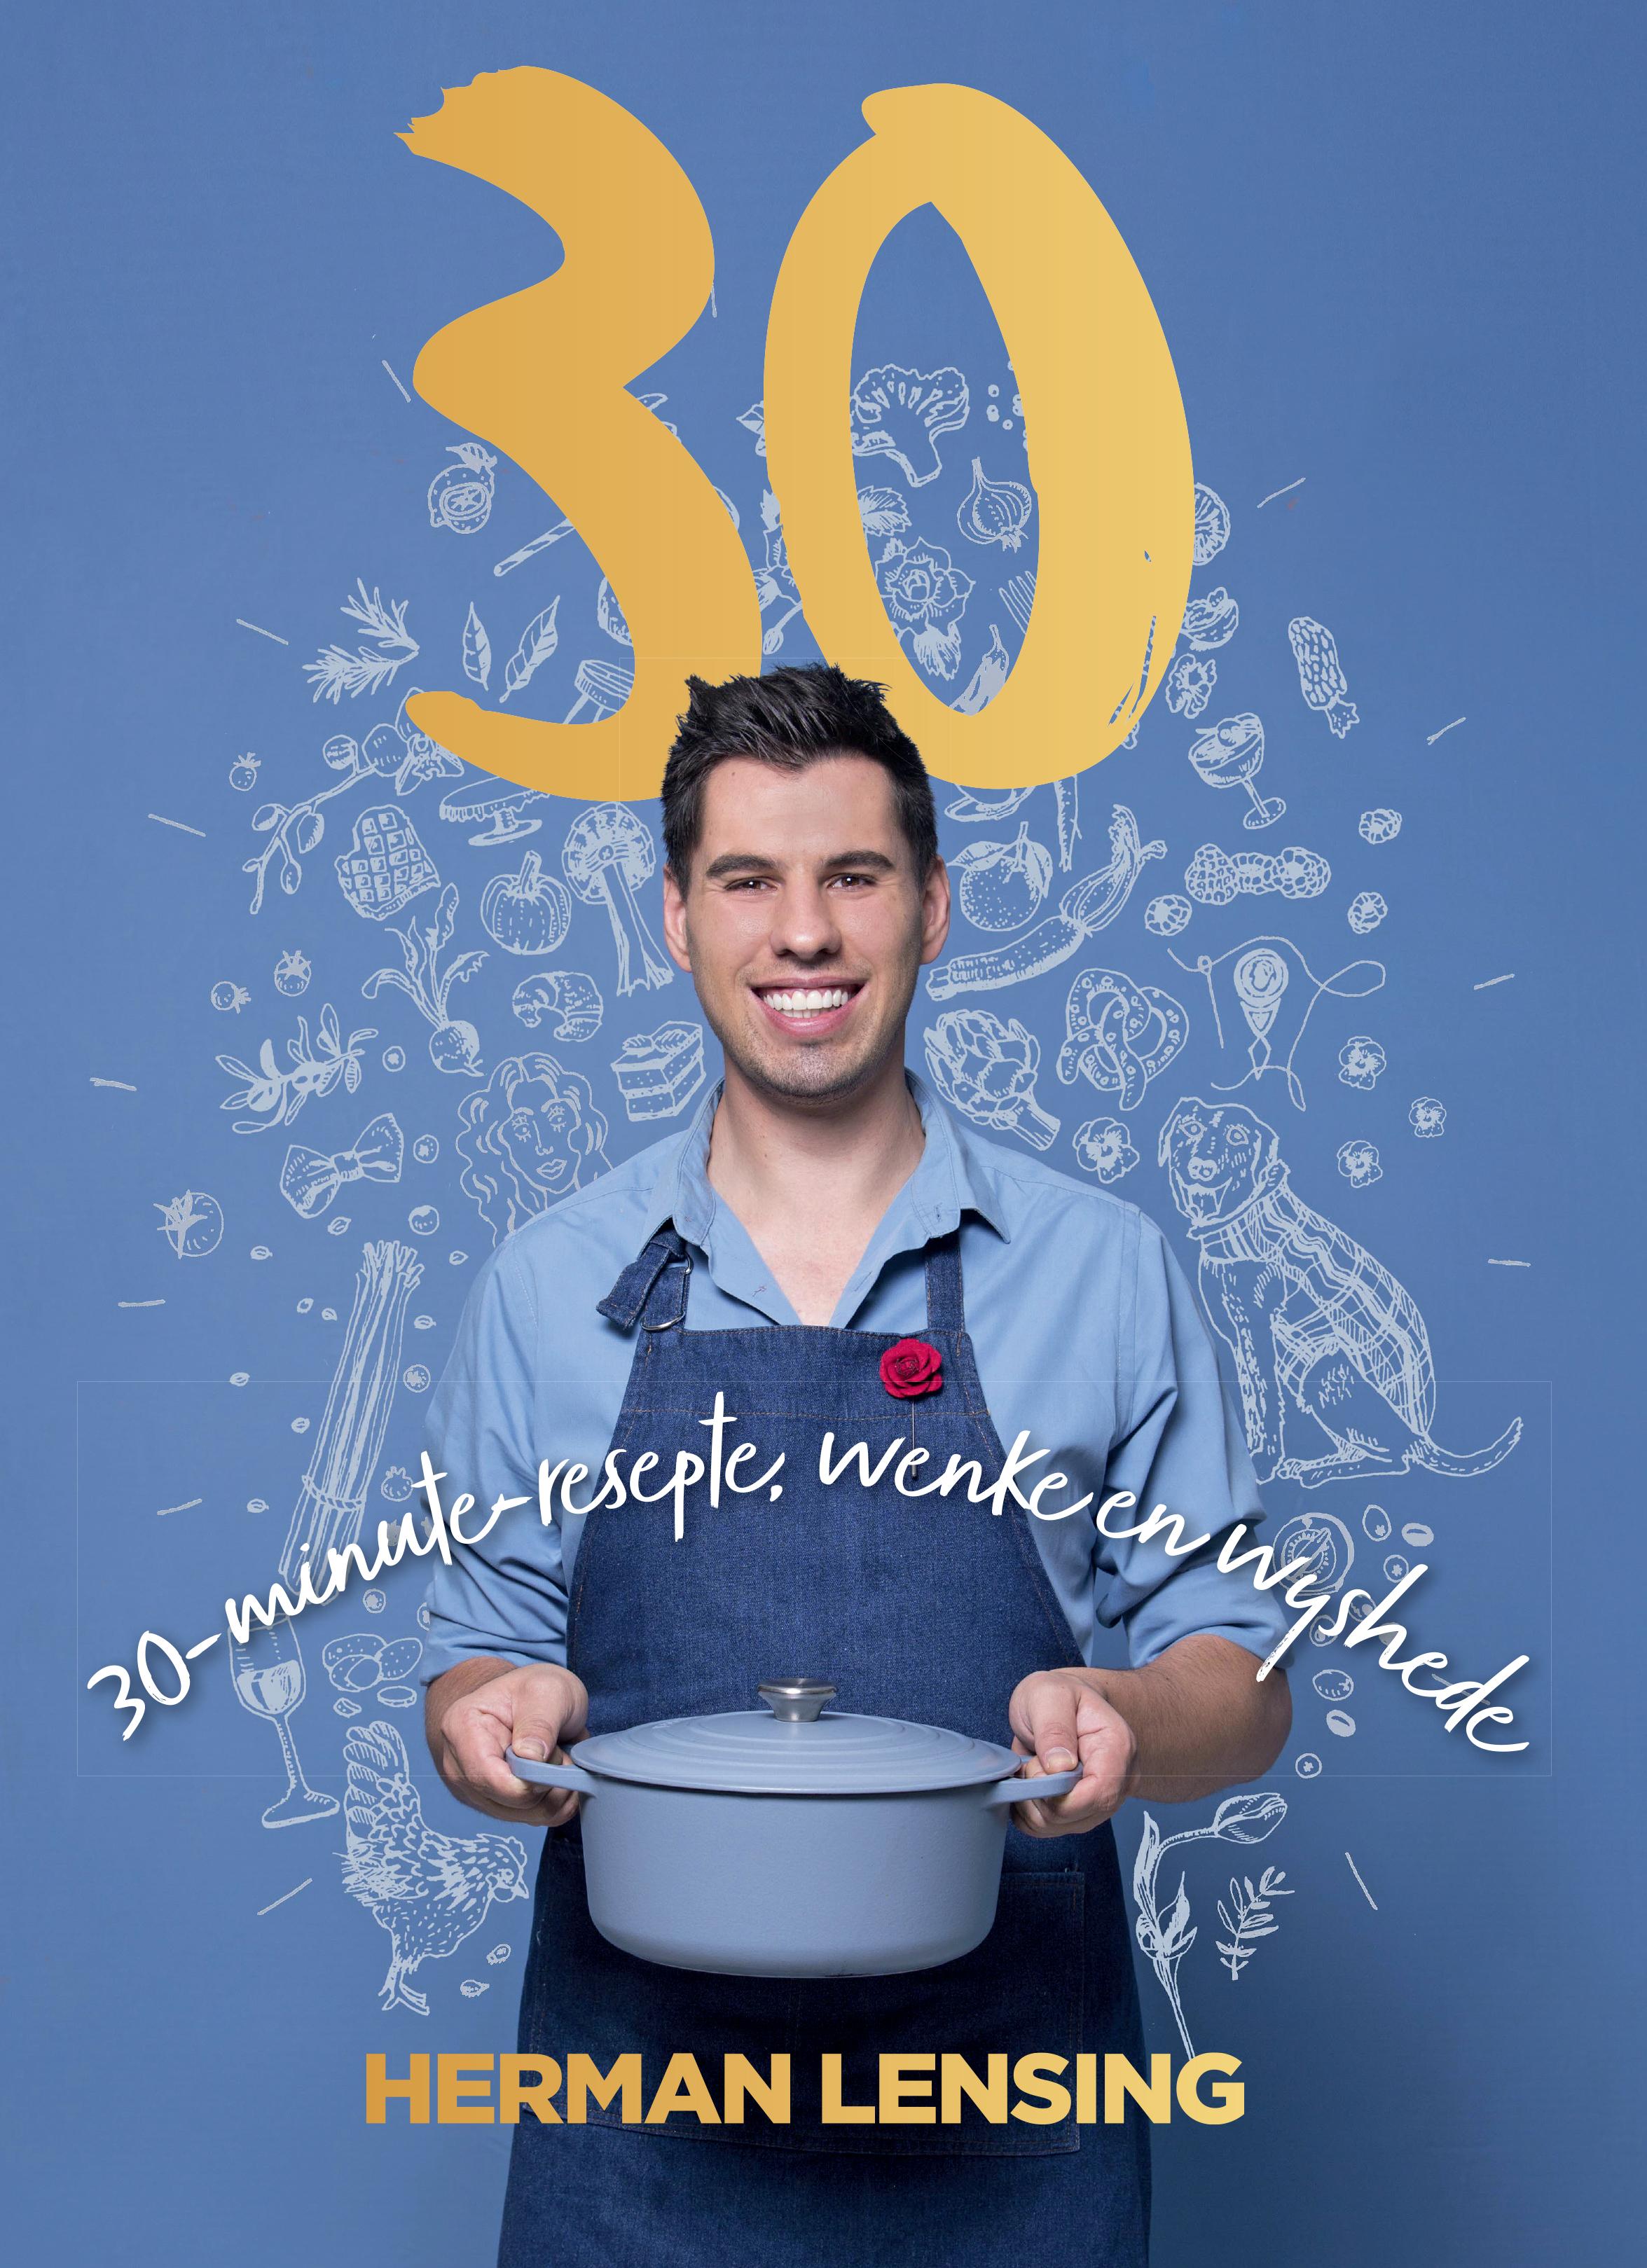 Picture of 30 : 30-minute-resepte, wenke en wyshede